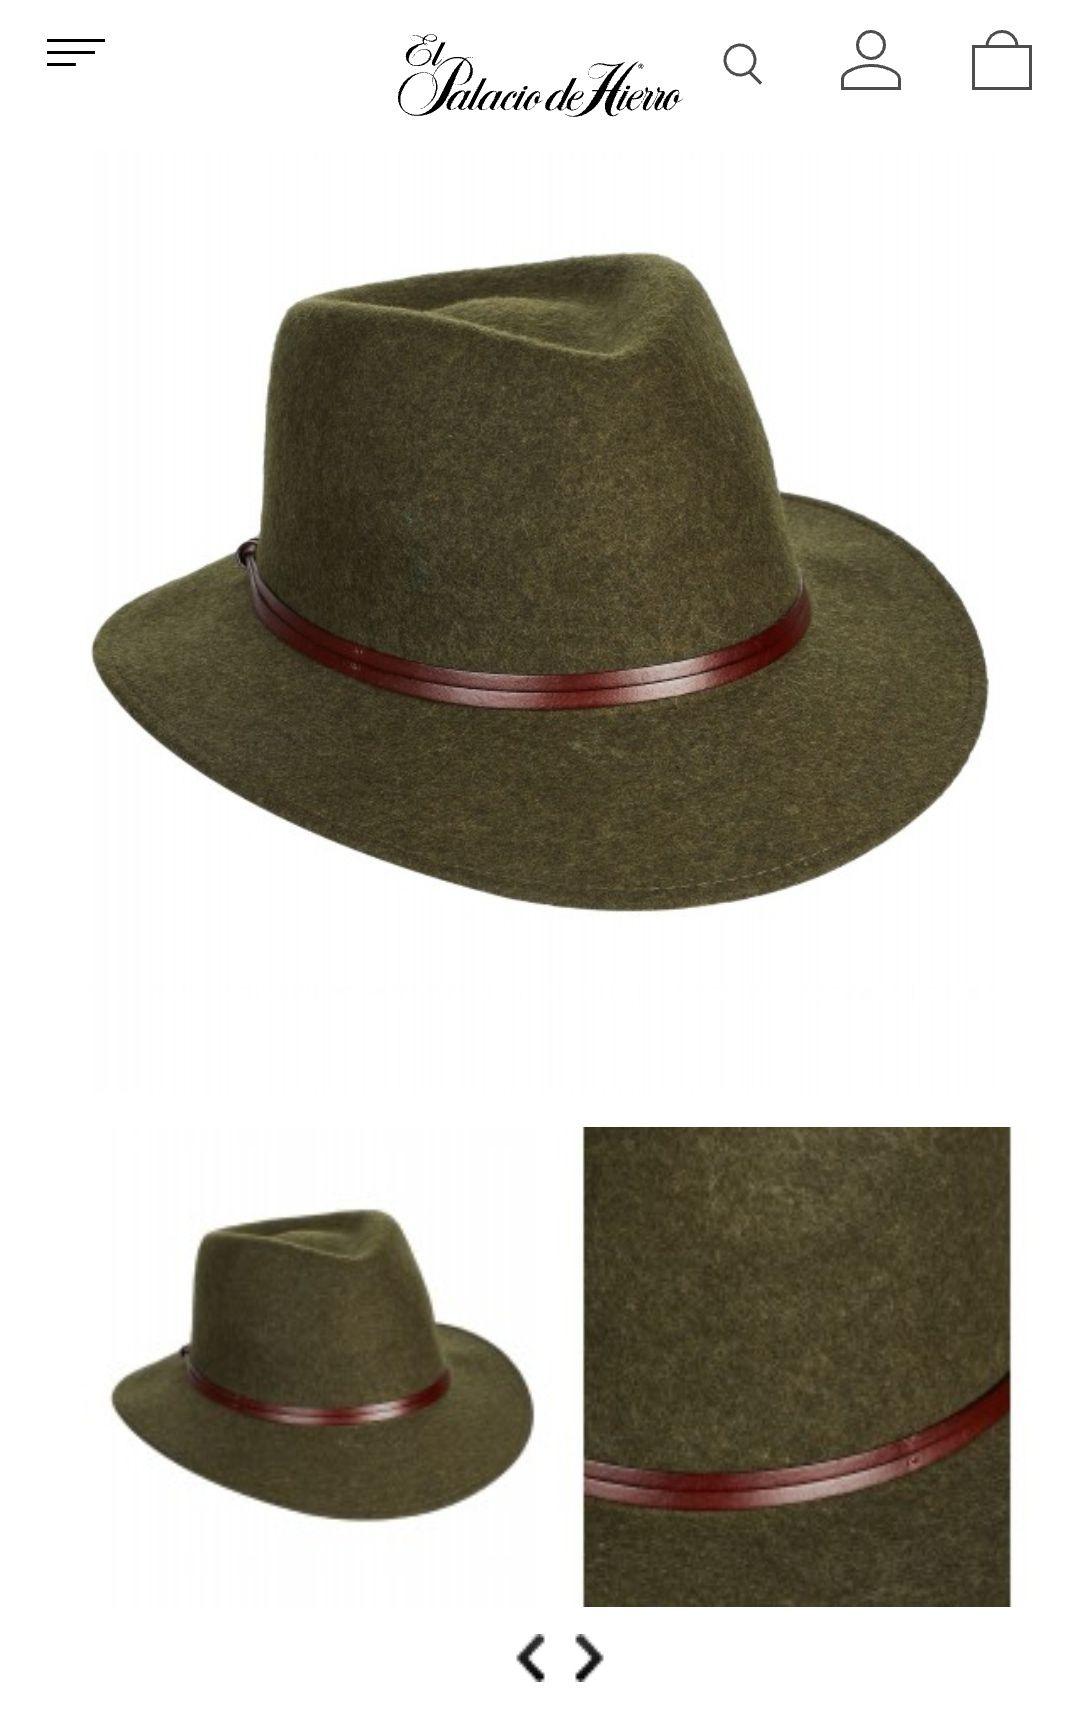 El Palacio de Hierro en línea: Sombrero Chester & Peck